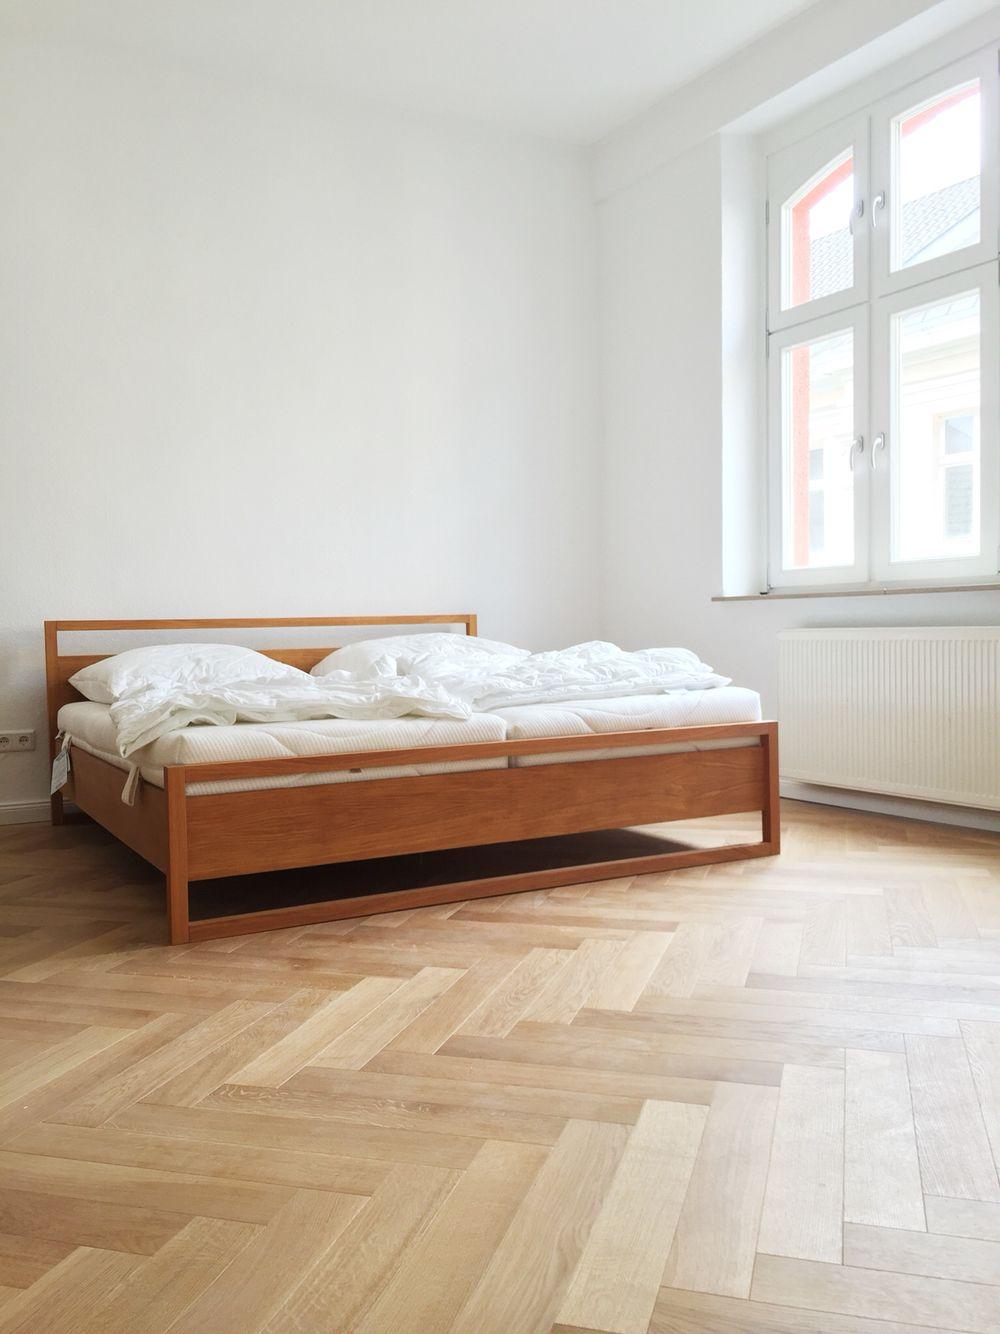 Parkett Krefeld offenes schlafzimmer im altbau deckenhöhe 310 cm holzfenster